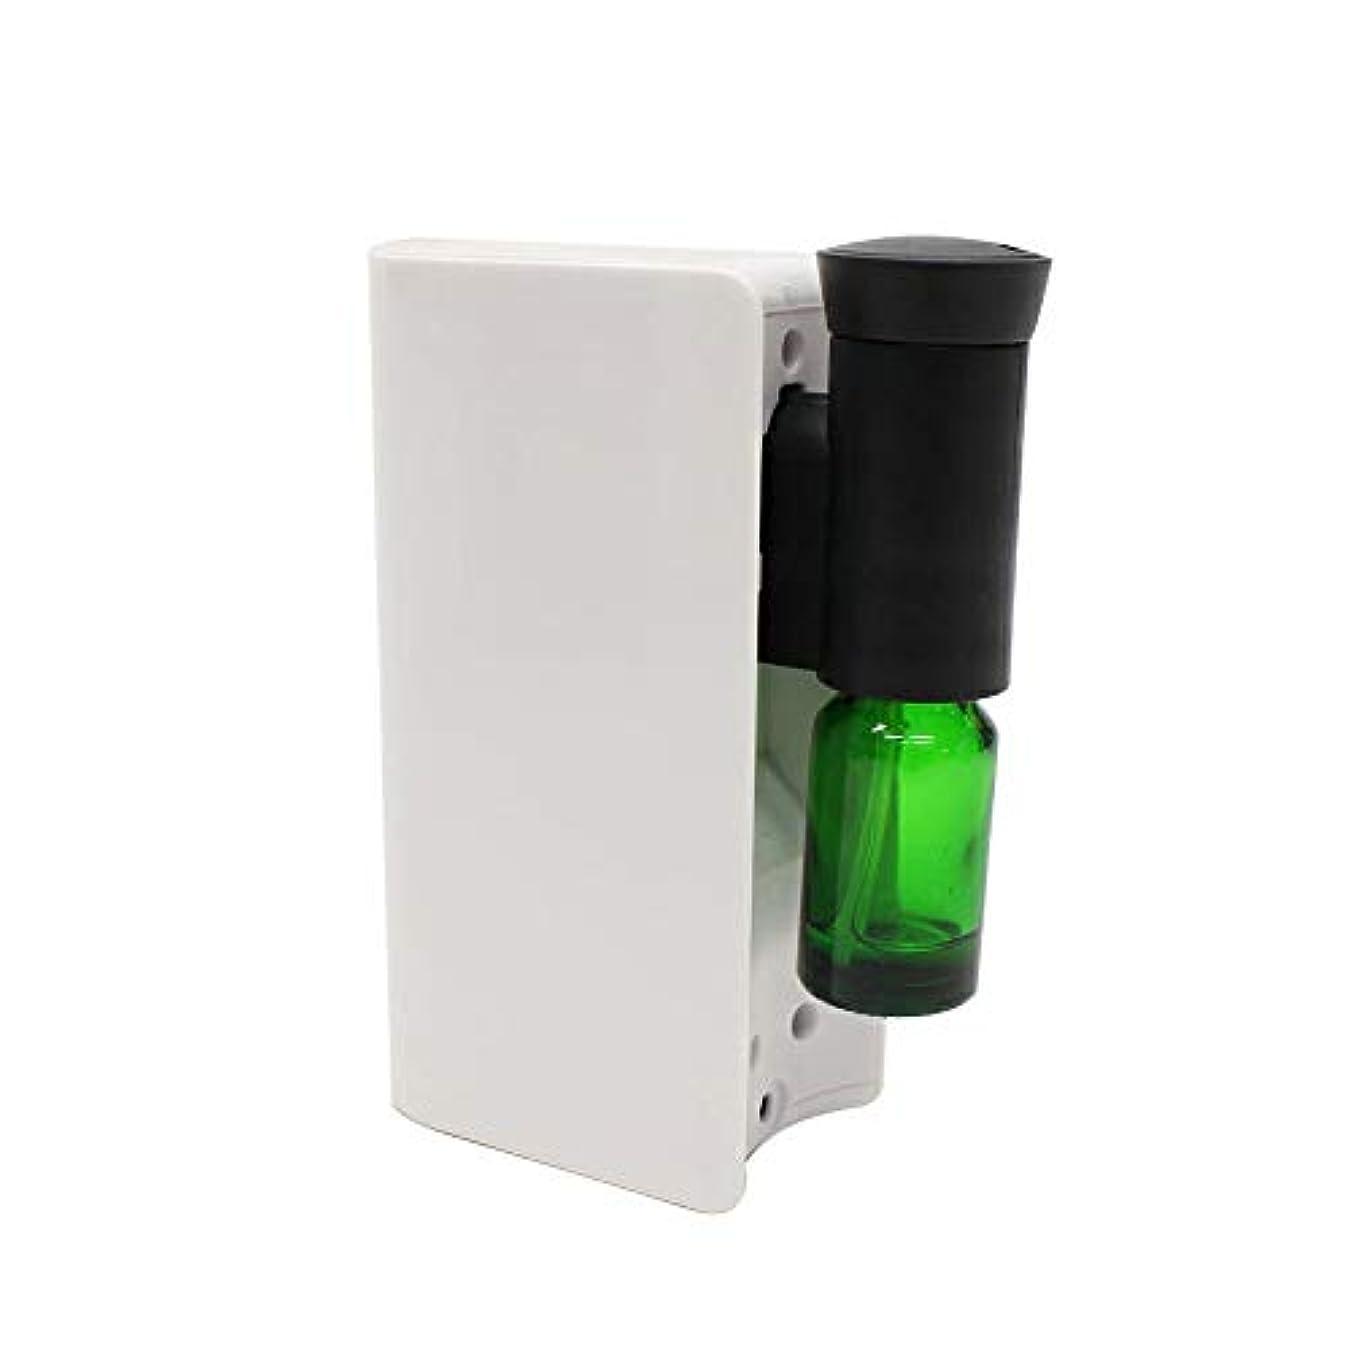 激怒ウィザード全員アロマ ディフューザー 電池式アロマディフューザー 水を使わない ネブライザー式 アロマオイル対応 自動停止 ECOモード搭載 香り 癒し シンプル コンパクト ホワイト